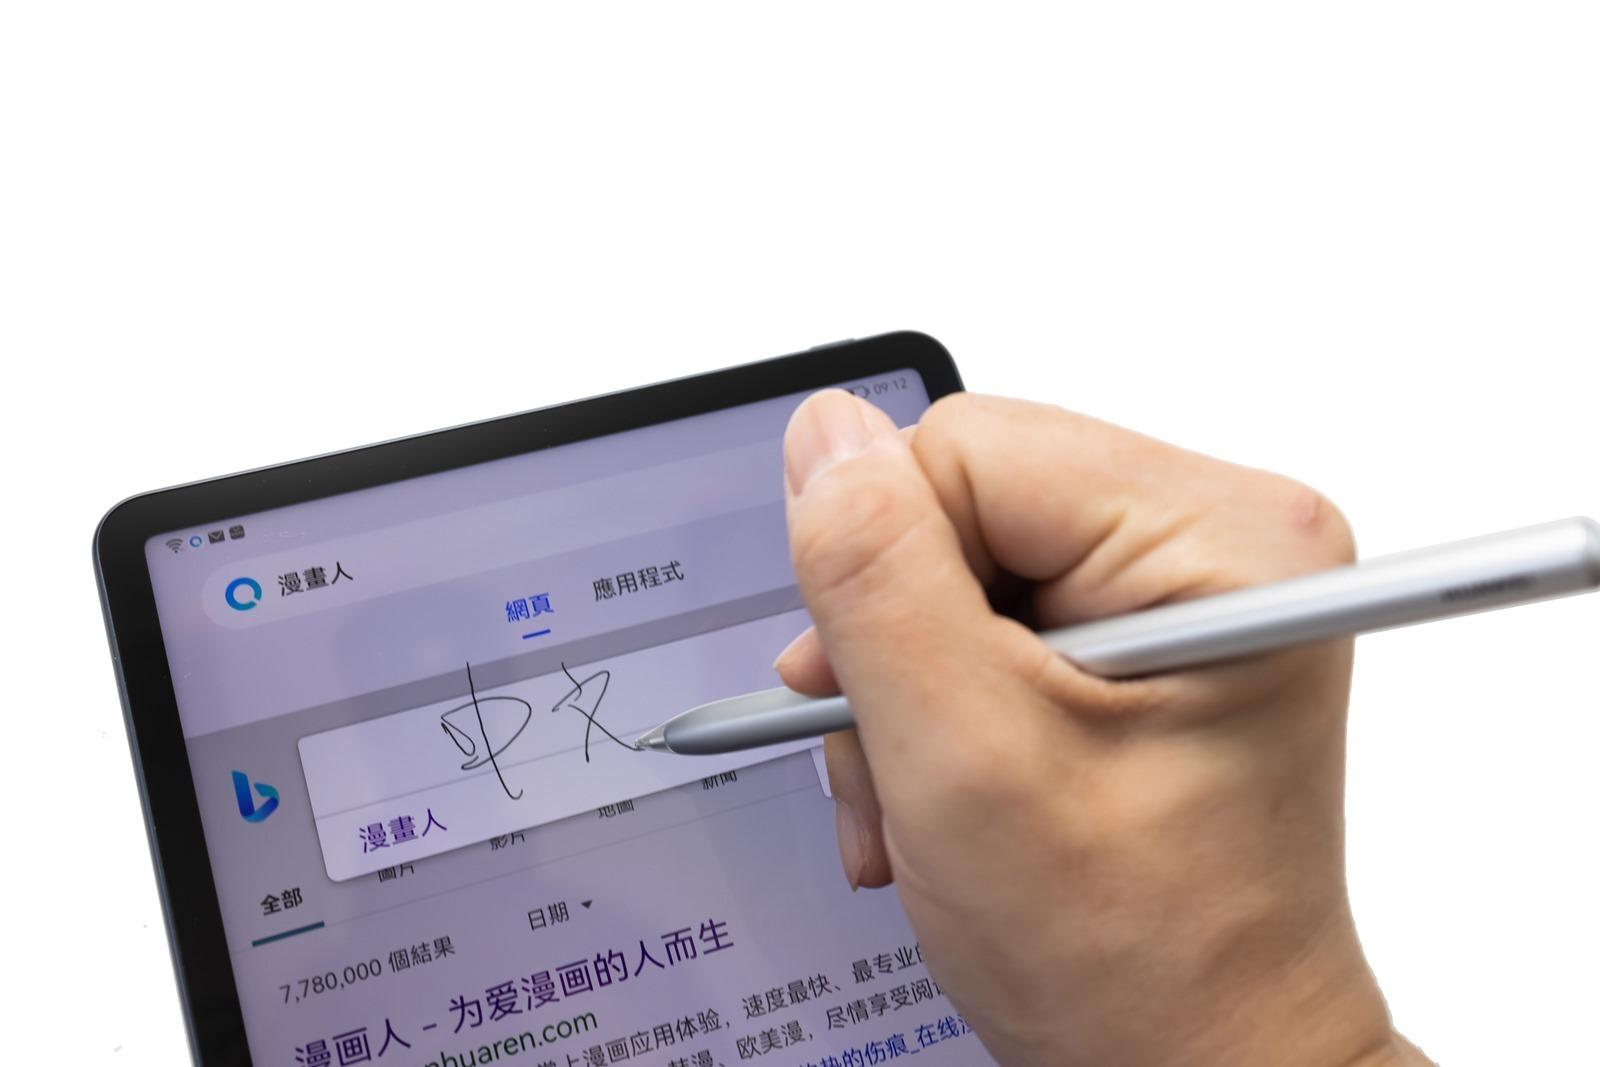 新系統新處理器!MatePad 11 輕薄高性能平板來了!支援 120Hz 高更新率與全新手寫筆就是超級順暢! @3C 達人廖阿輝